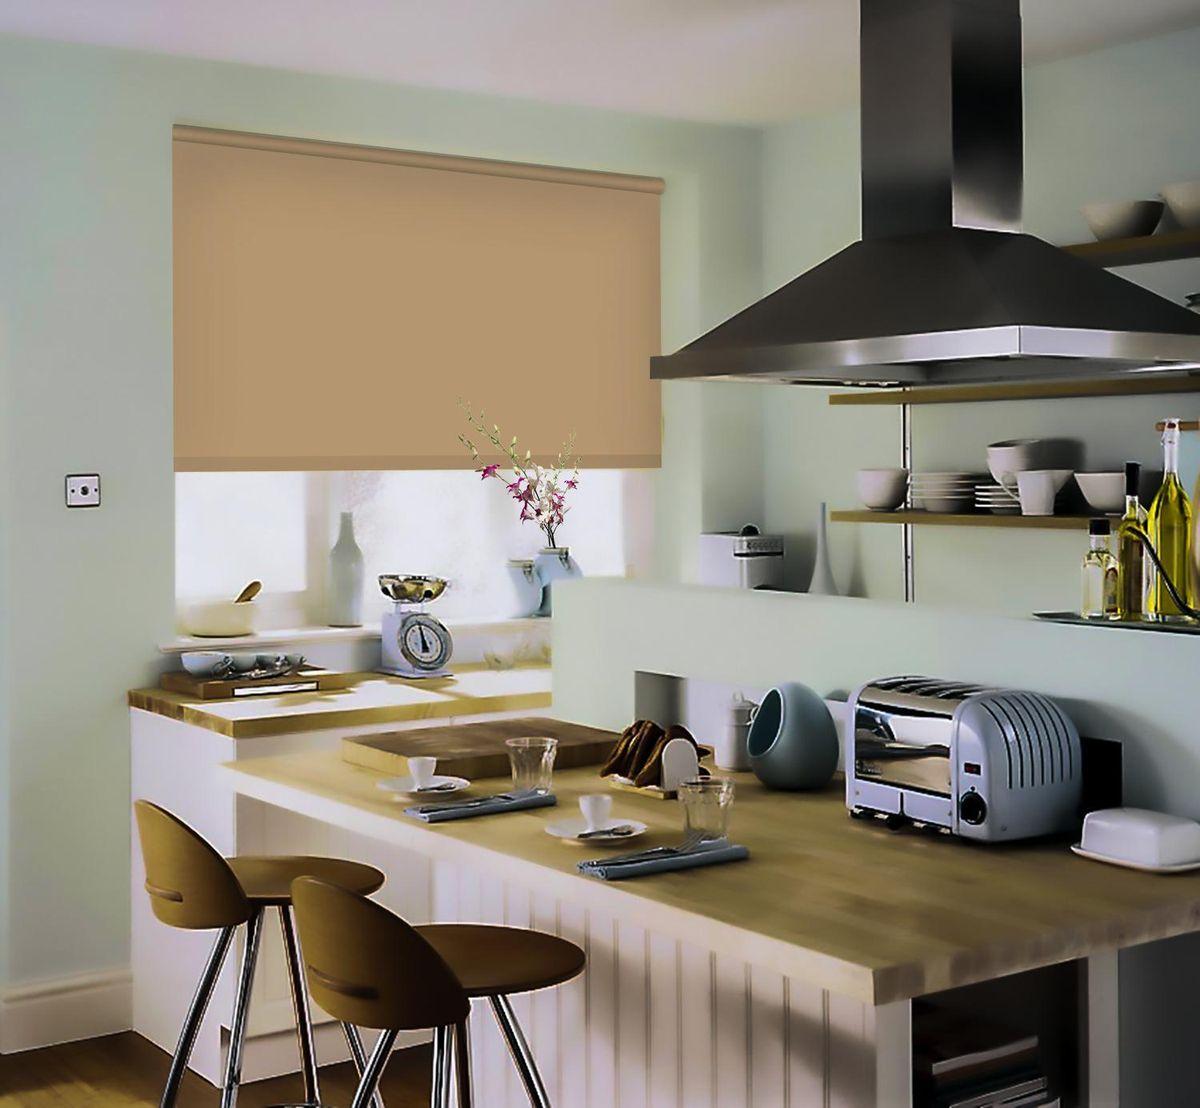 Штора рулонная Эскар, цвет: темно-бежевый, ширина 120 см, высота 170 смS03301004Рулонными шторами можно оформлять окна как самостоятельно, так и использовать в комбинации с портьерами. Это поможет предотвратить выгорание дорогой ткани на солнце и соединит функционал рулонных с красотой навесных.Преимущества применения рулонных штор для пластиковых окон:- имеют прекрасный внешний вид: многообразие и фактурность материала изделия отлично смотрятся в любом интерьере; - многофункциональны: есть возможность подобрать шторы способные эффективно защитить комнату от солнца, при этом о на не будет слишком темной. - Есть возможность осуществить быстрый монтаж. ВНИМАНИЕ! Размеры ширины изделия указаны по ширине ткани!Во время эксплуатации не рекомендуется полностью разматывать рулон, чтобы не оторвать ткань от намоточного вала.В случае загрязнения поверхности ткани, чистку шторы проводят одним из способов, в зависимости от типа загрязнения: легкое поверхностное загрязнение можно удалить при помощи канцелярского ластика; чистка от пыли производится сухим методом при помощи пылесоса с мягкой щеткой-насадкой; для удаления пятна используйте мягкую губку с пенообразующим неагрессивным моющим средством или пятновыводитель на натуральной основе (нельзя применять растворители).